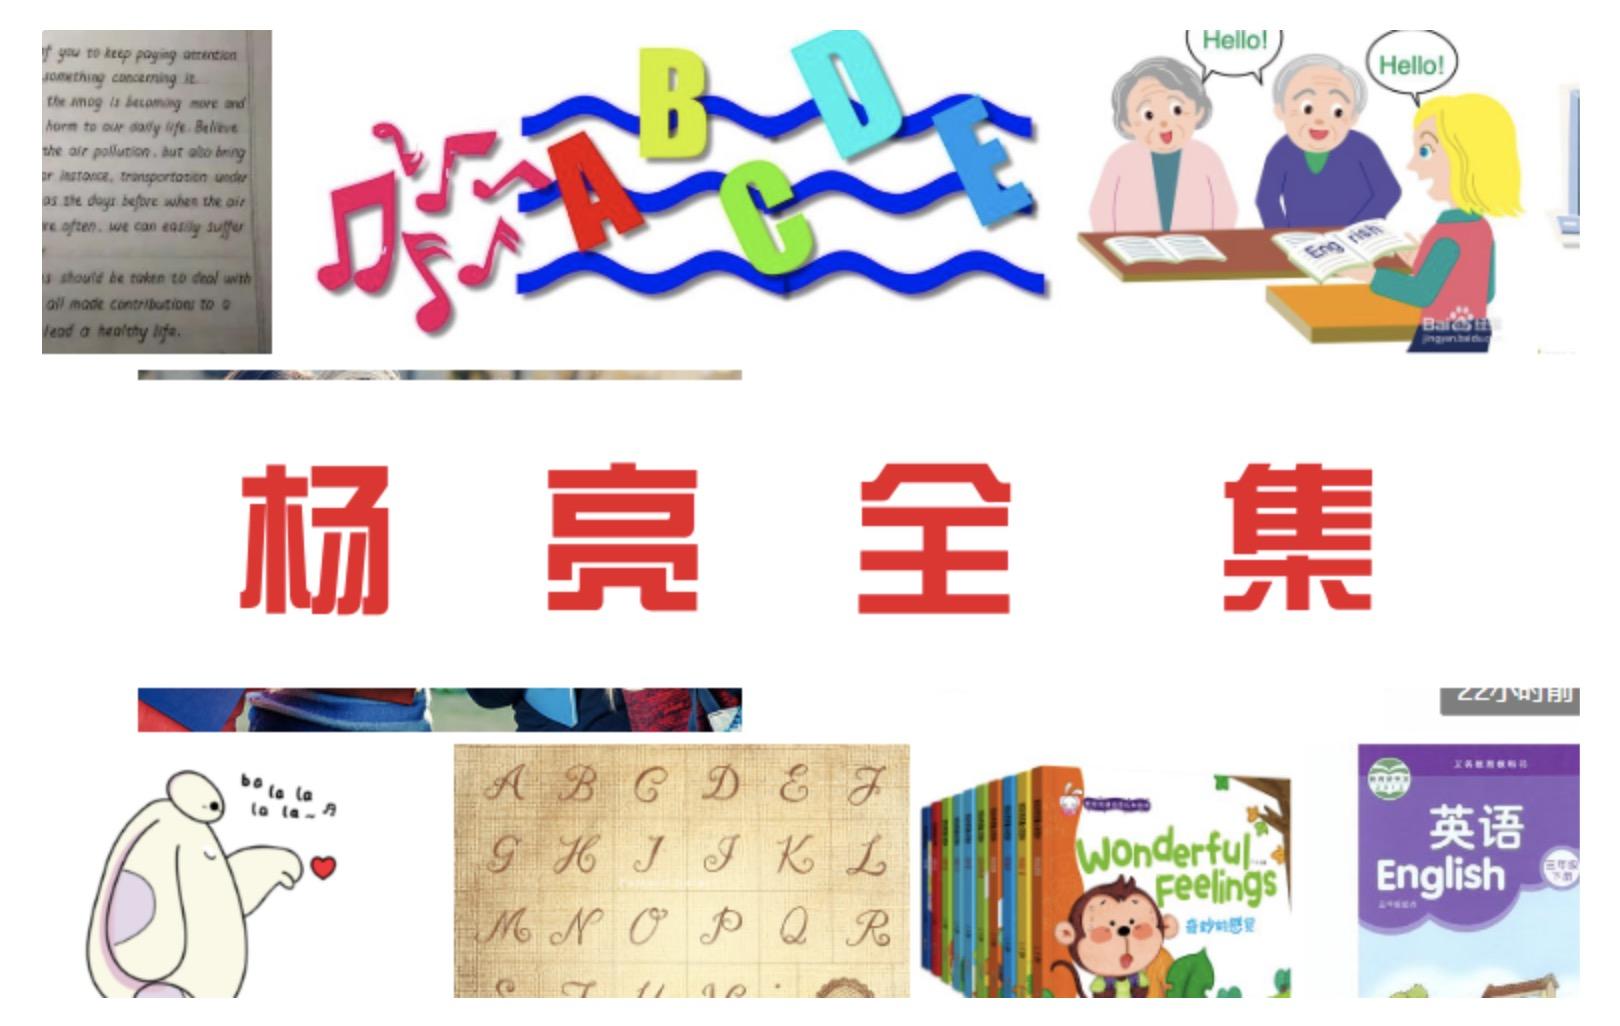 杨亮英语全集 百度网盘